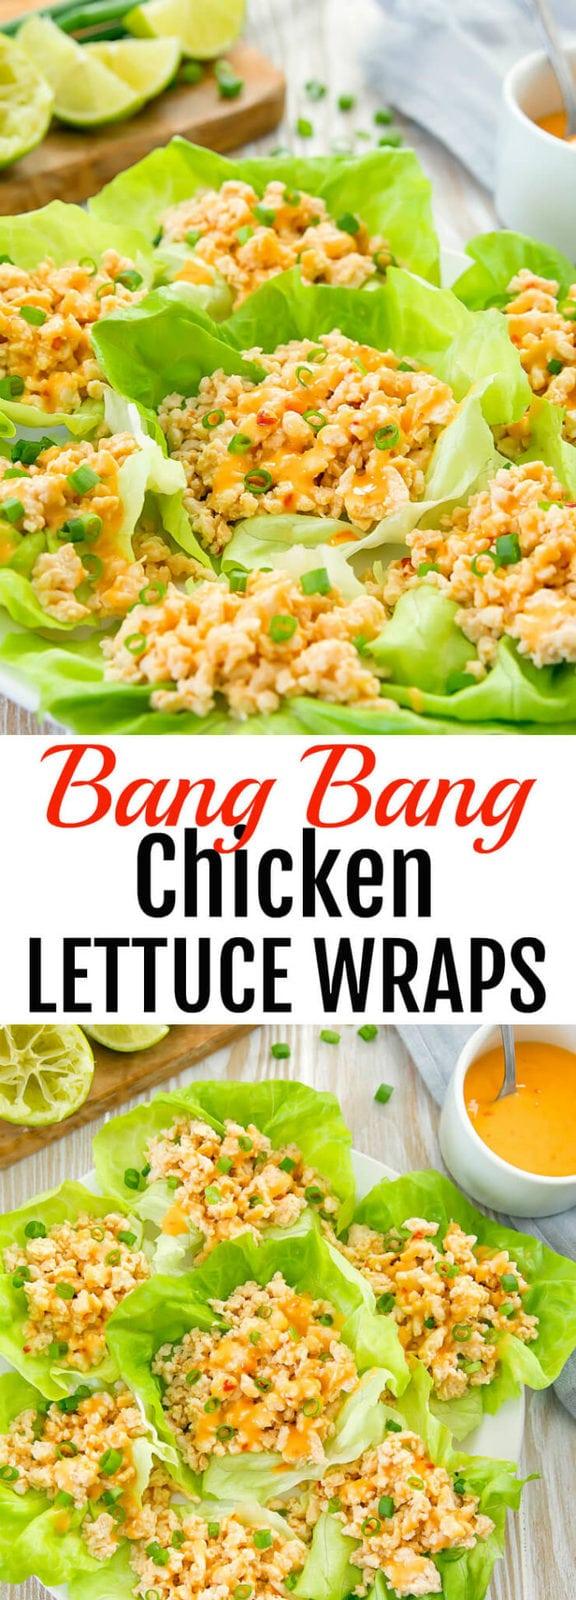 Bang Bang Chicken Lettuce Wraps